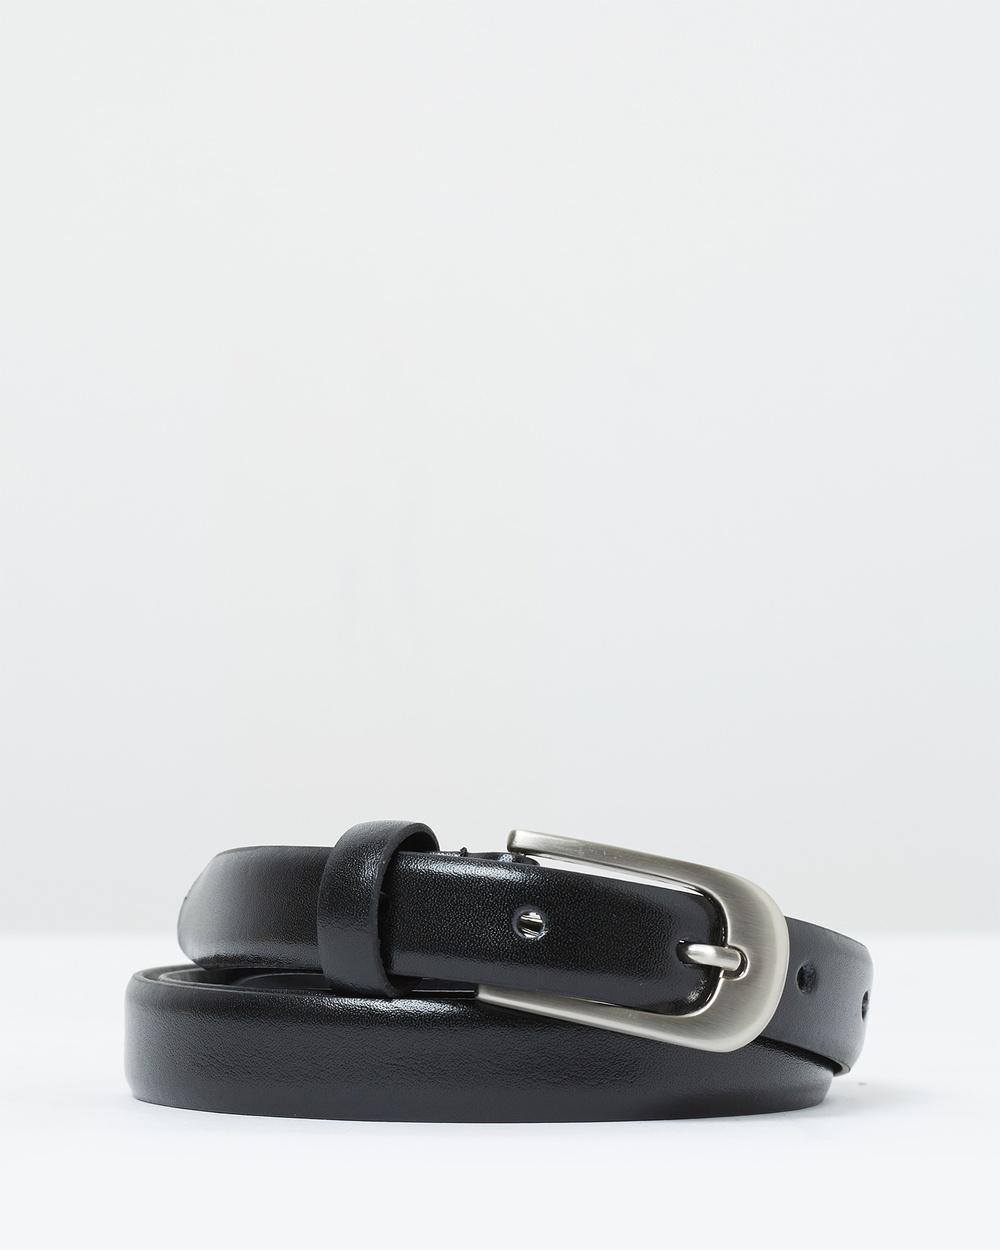 Loop Leather Co Work It Belts Black